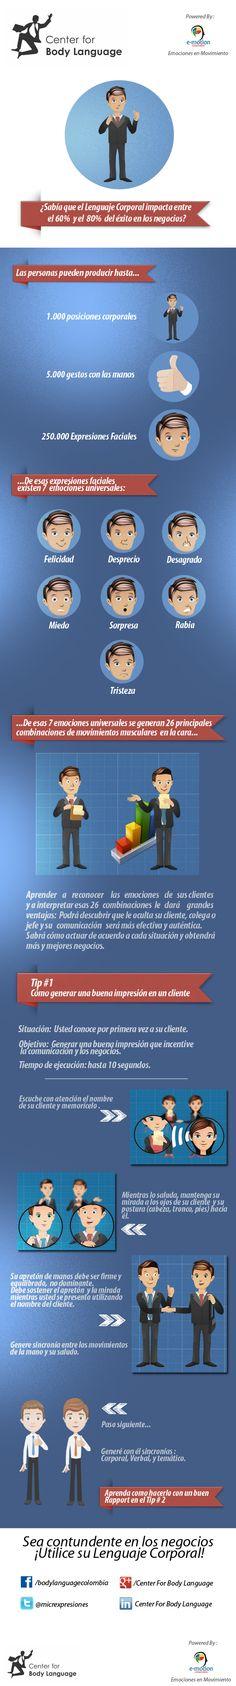 La importancia del lenguaje corporal en los negocios #infografia #infographic vía: micro-expresiones.com